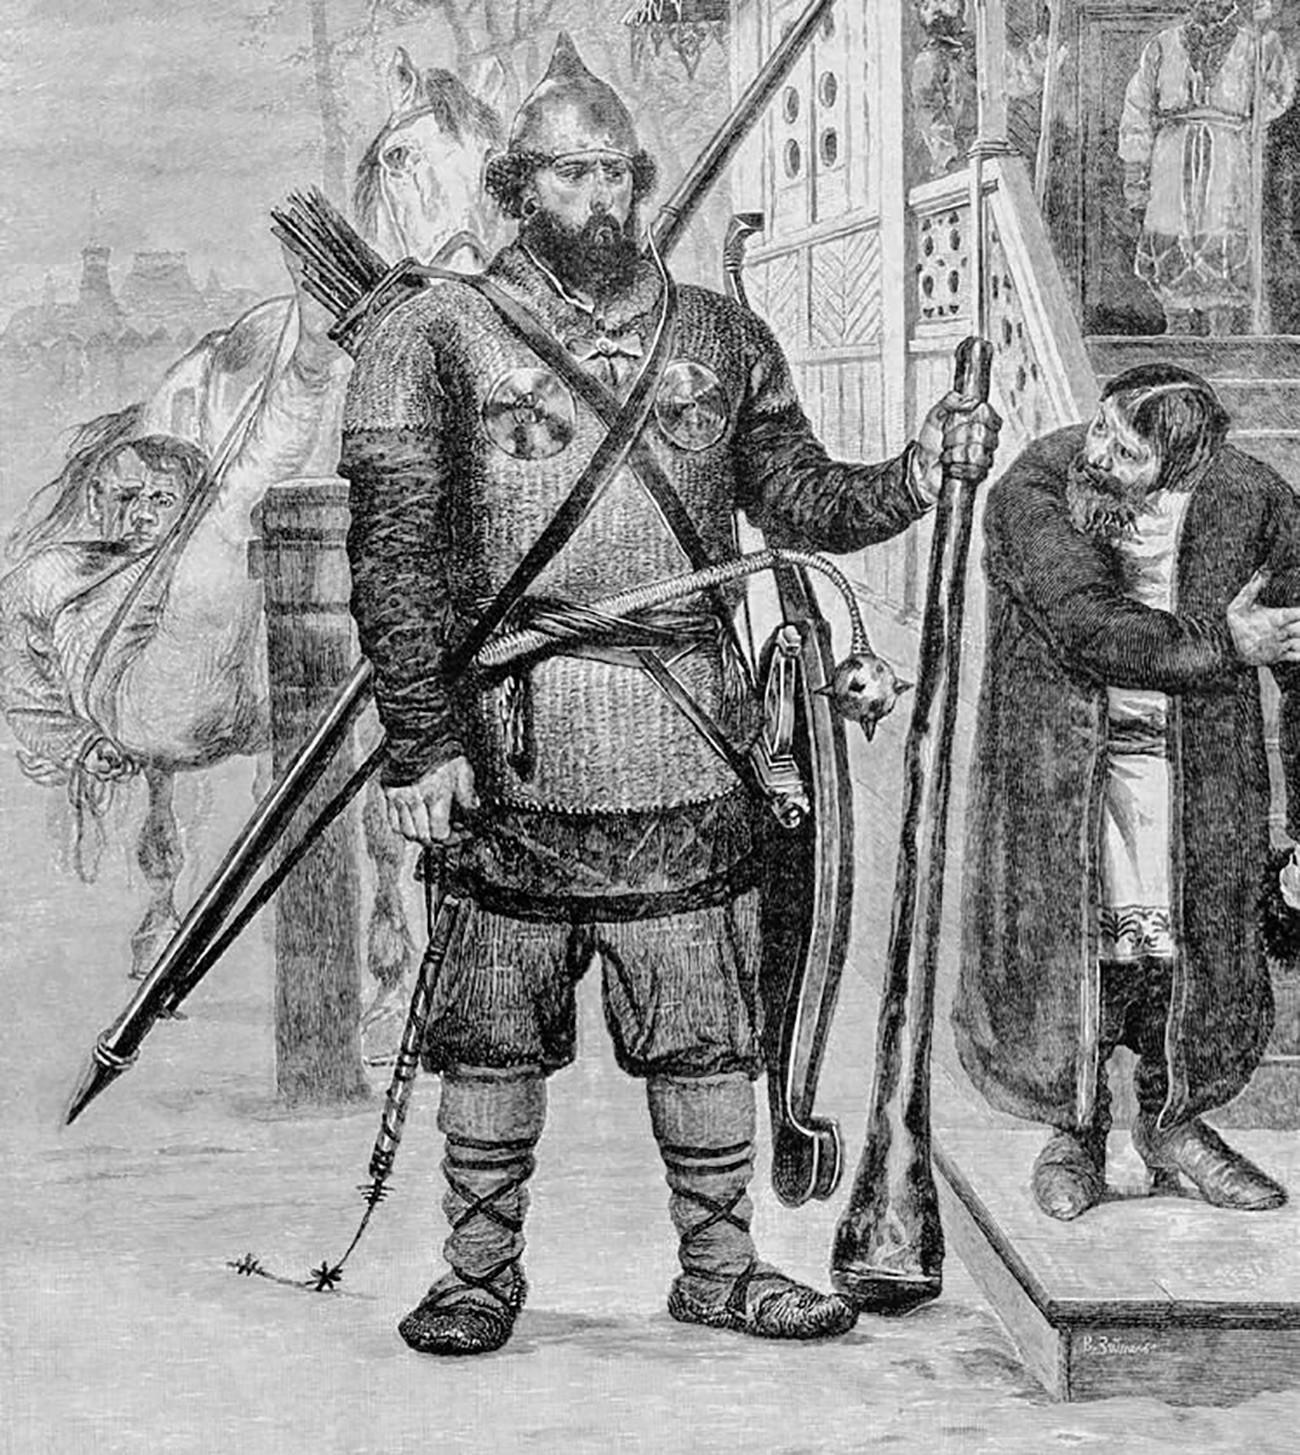 ロシアの騎士イリヤー・ムーロメツ